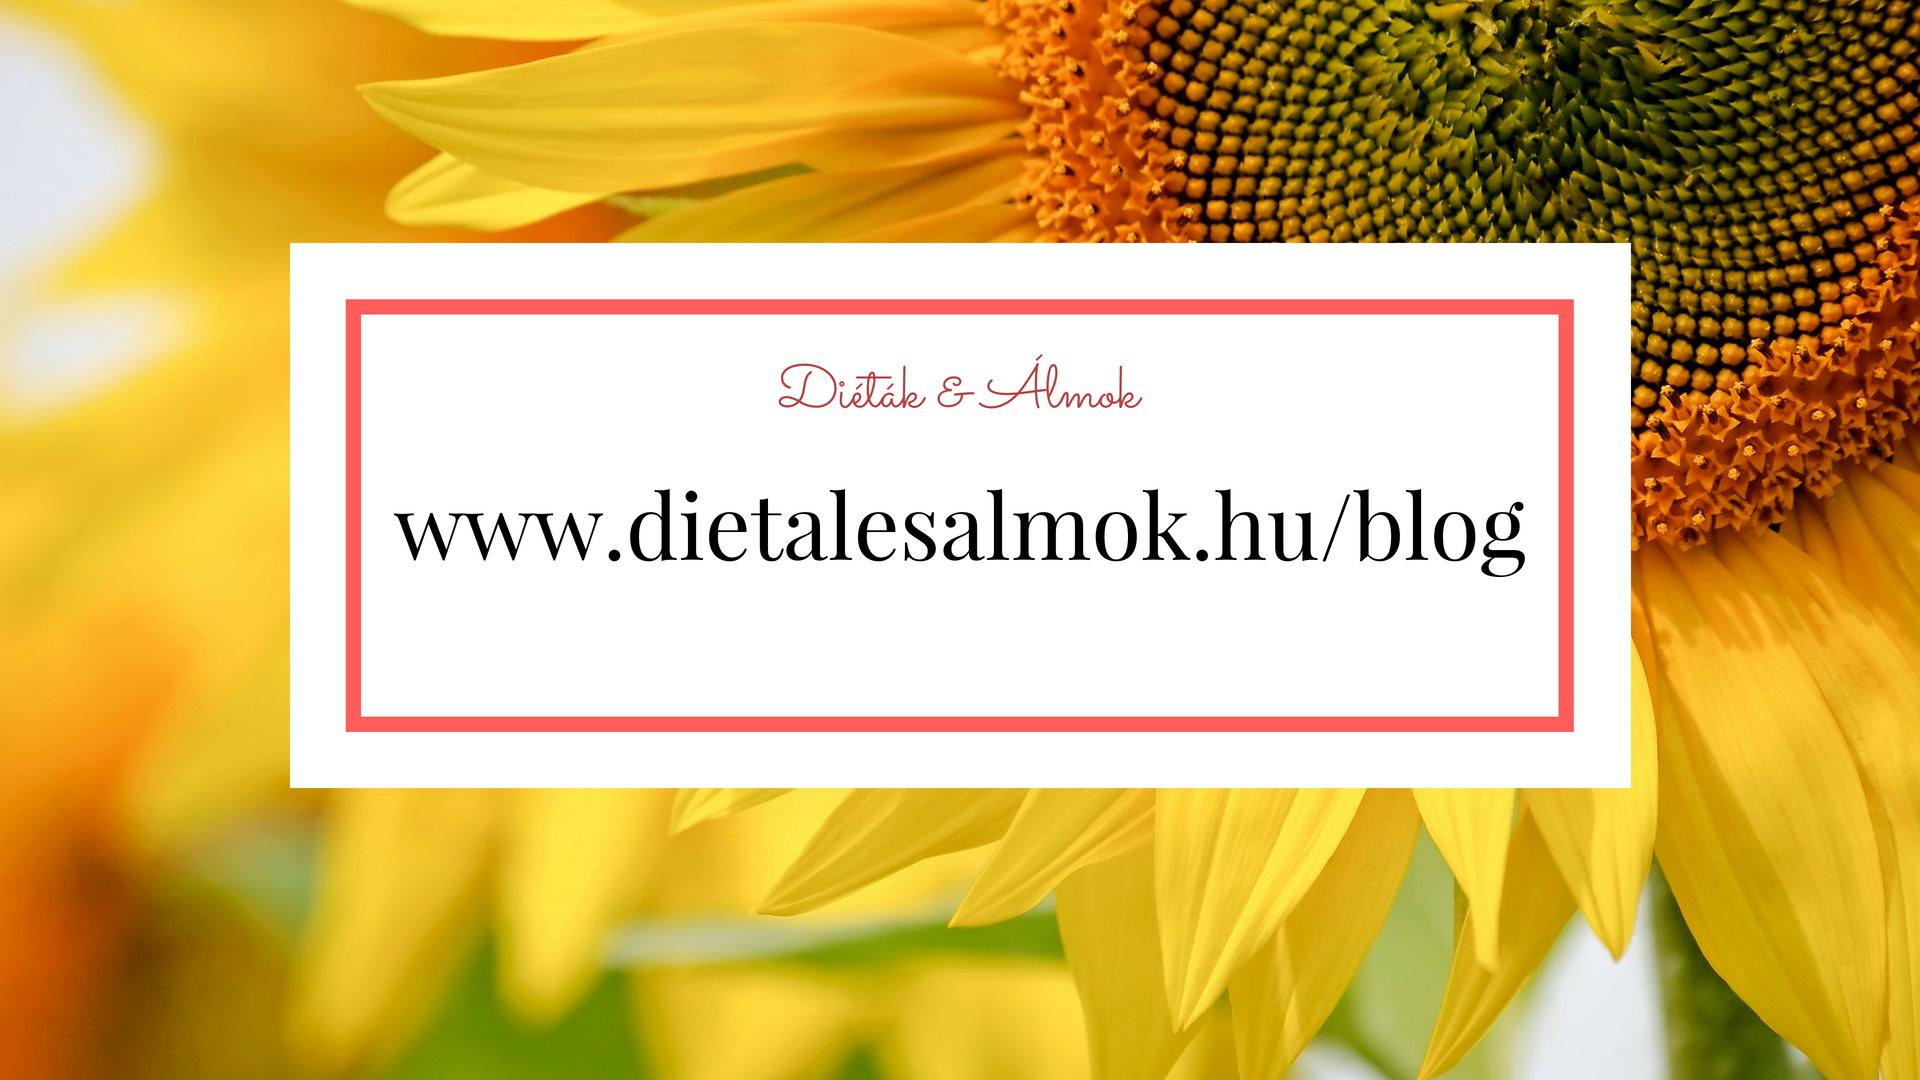 dietak_almok_blog.jpg